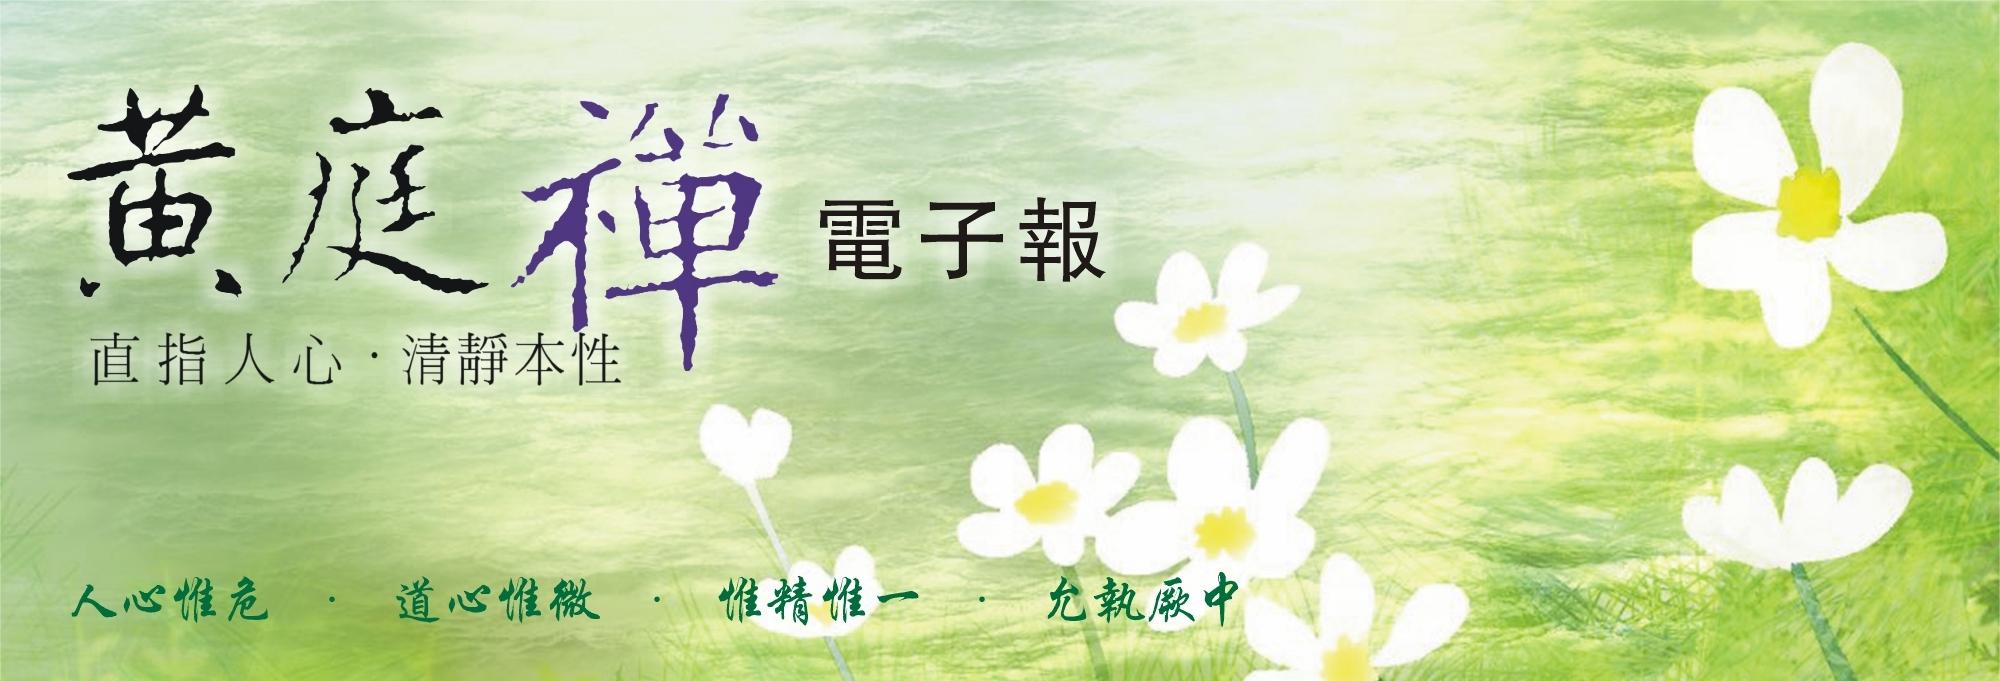 中華黃庭禪學會2016.07.21電子報